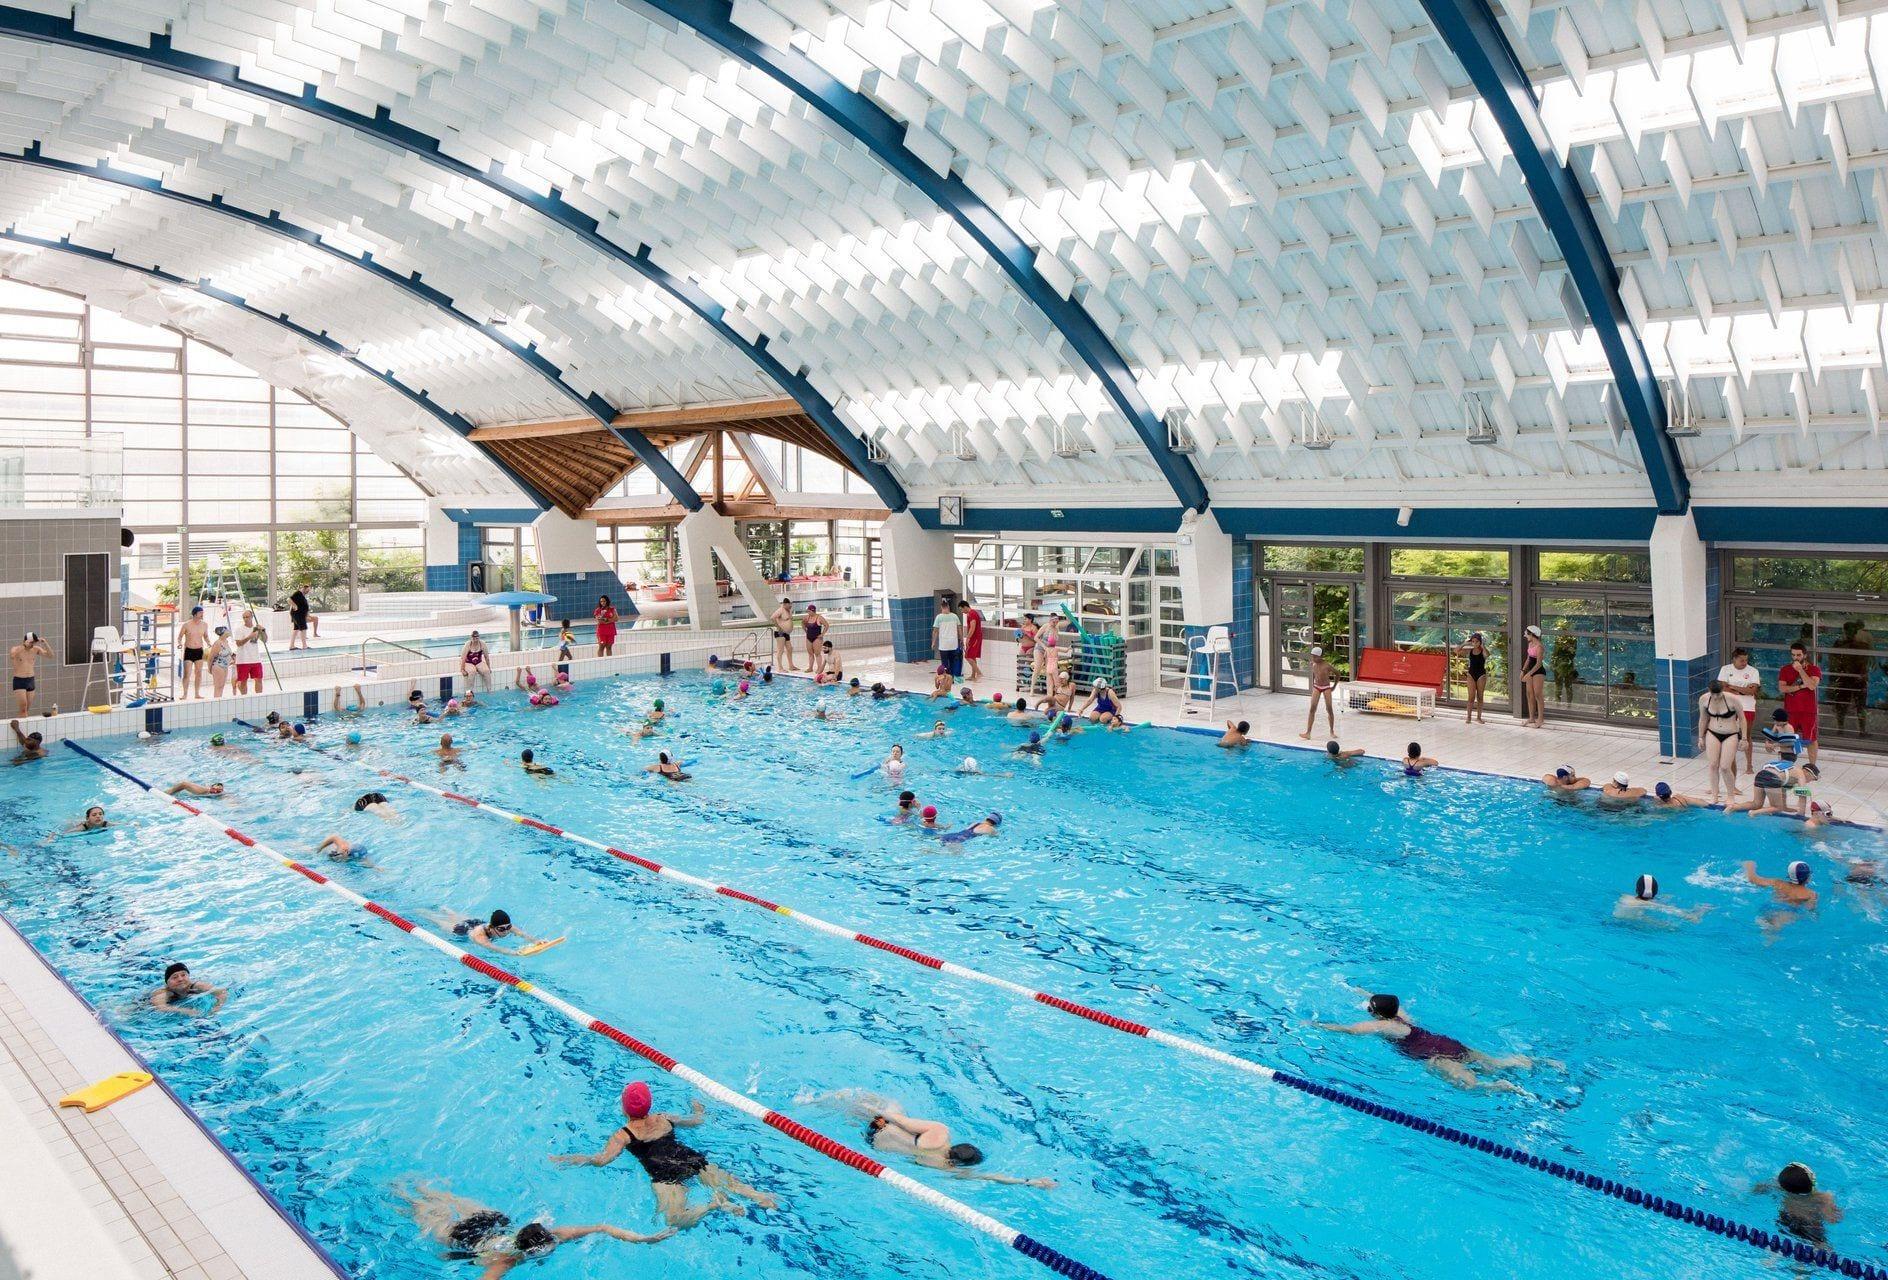 Le Centre Aquatique - Maisons-Alfort à Horaire Piscine Corbeil